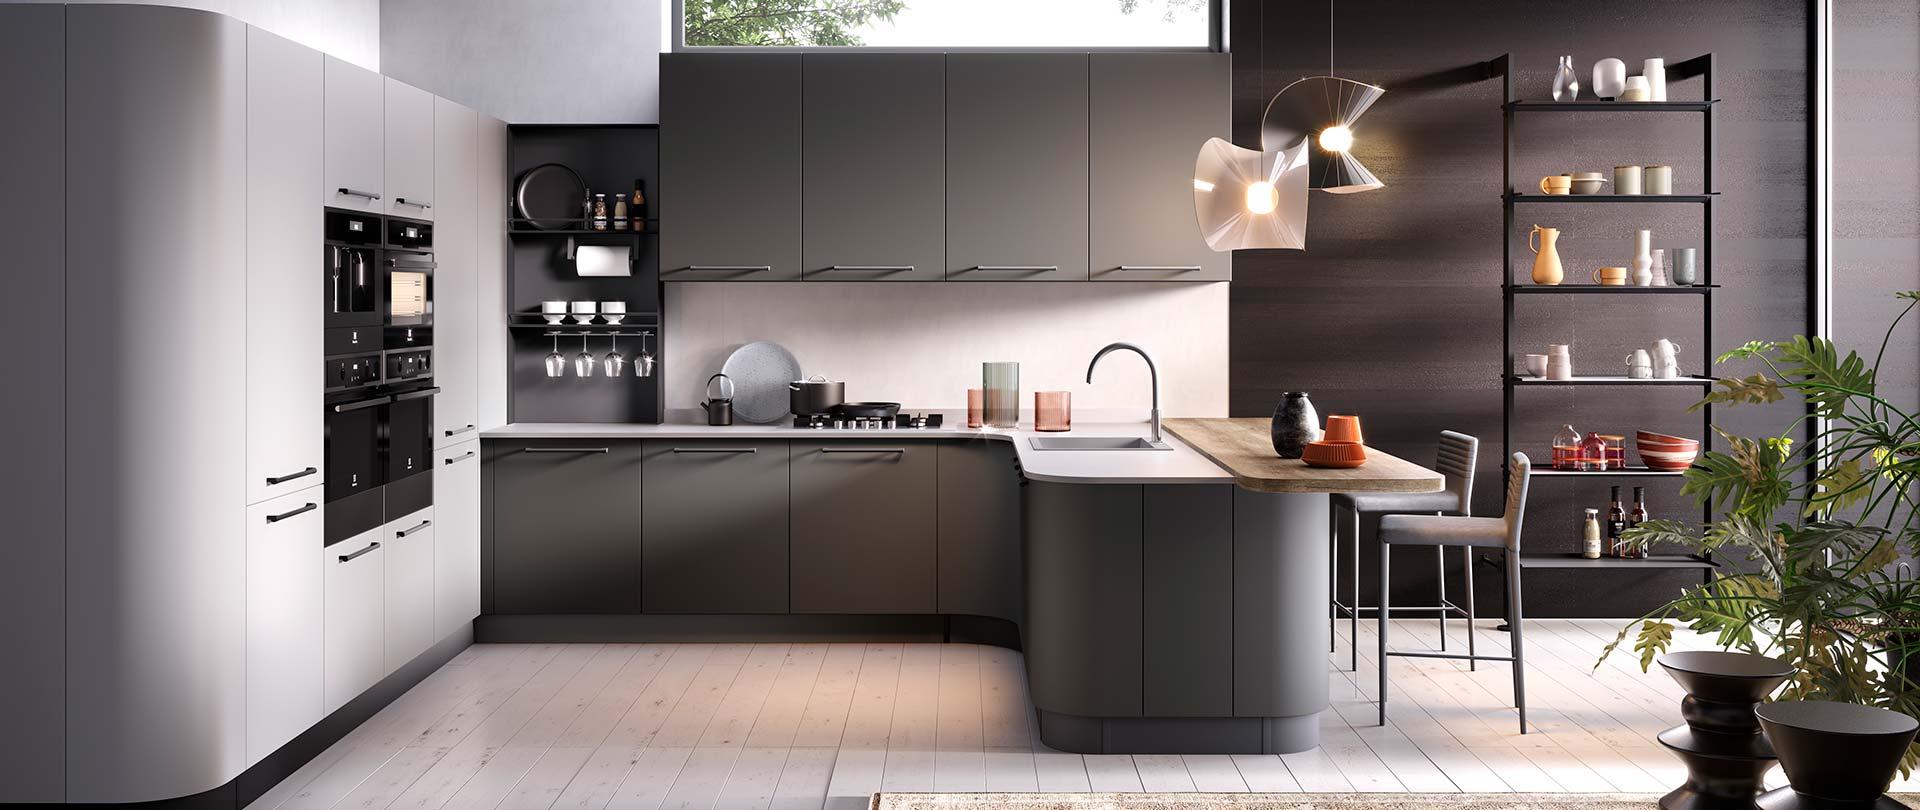 00-evo-cucina-aurora_latte-opaco-grafite